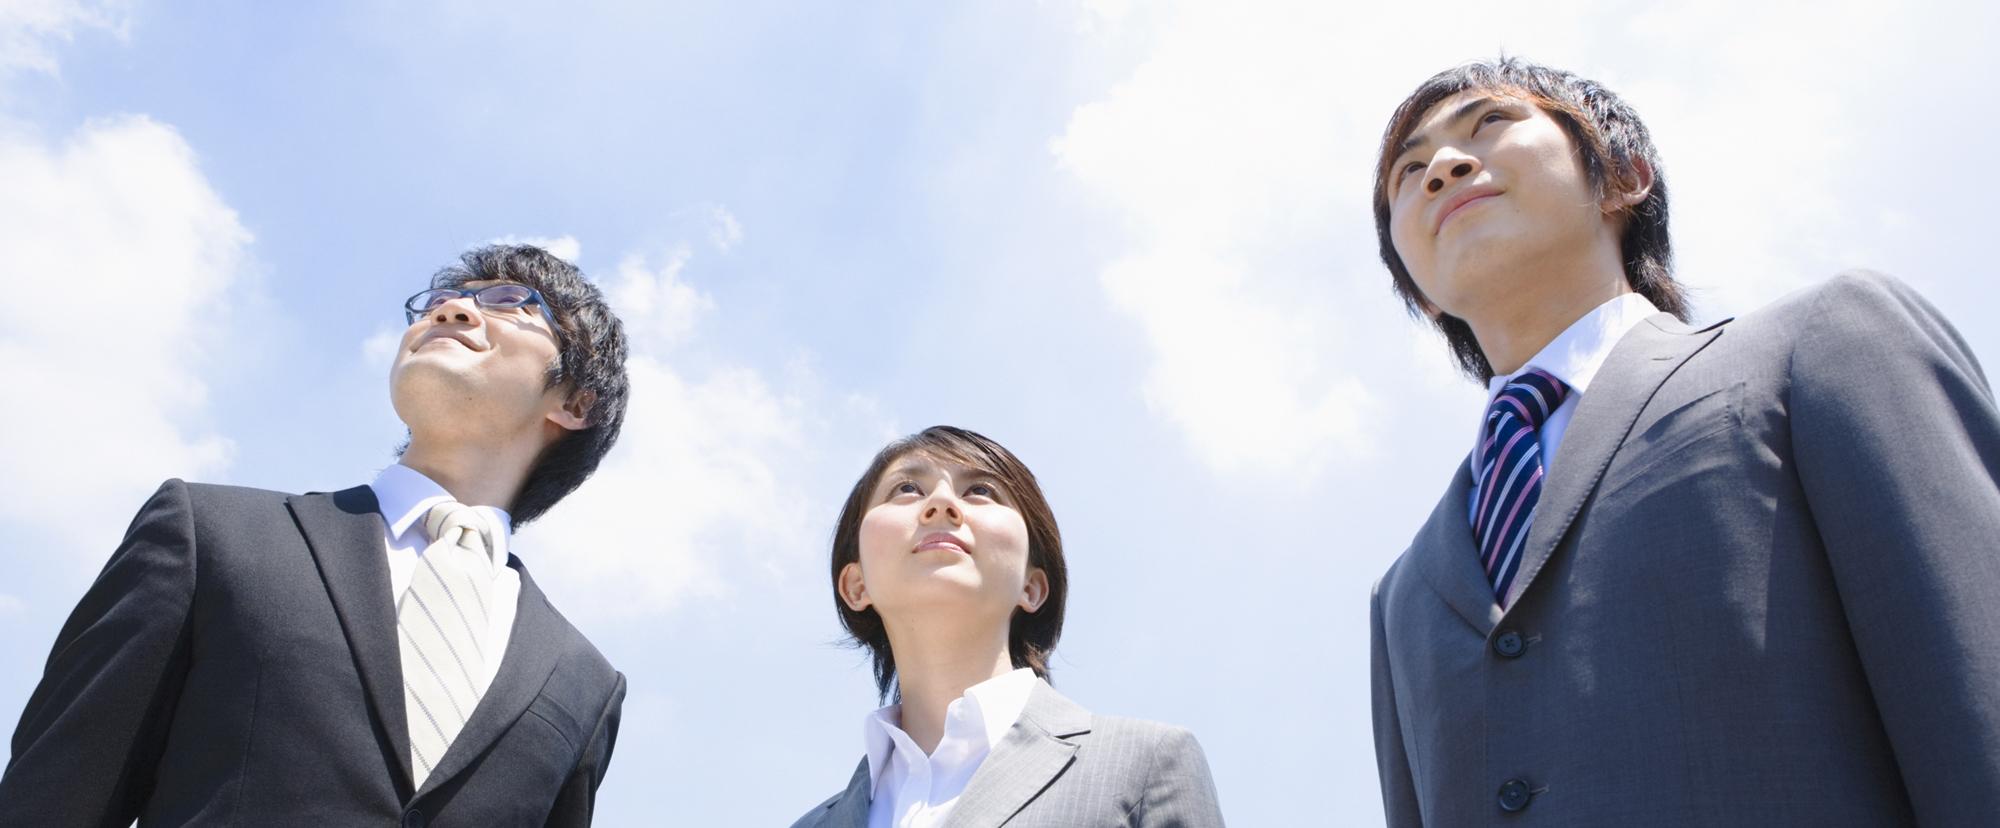 新規事業拡大の為の募集【求人、新卒募集】